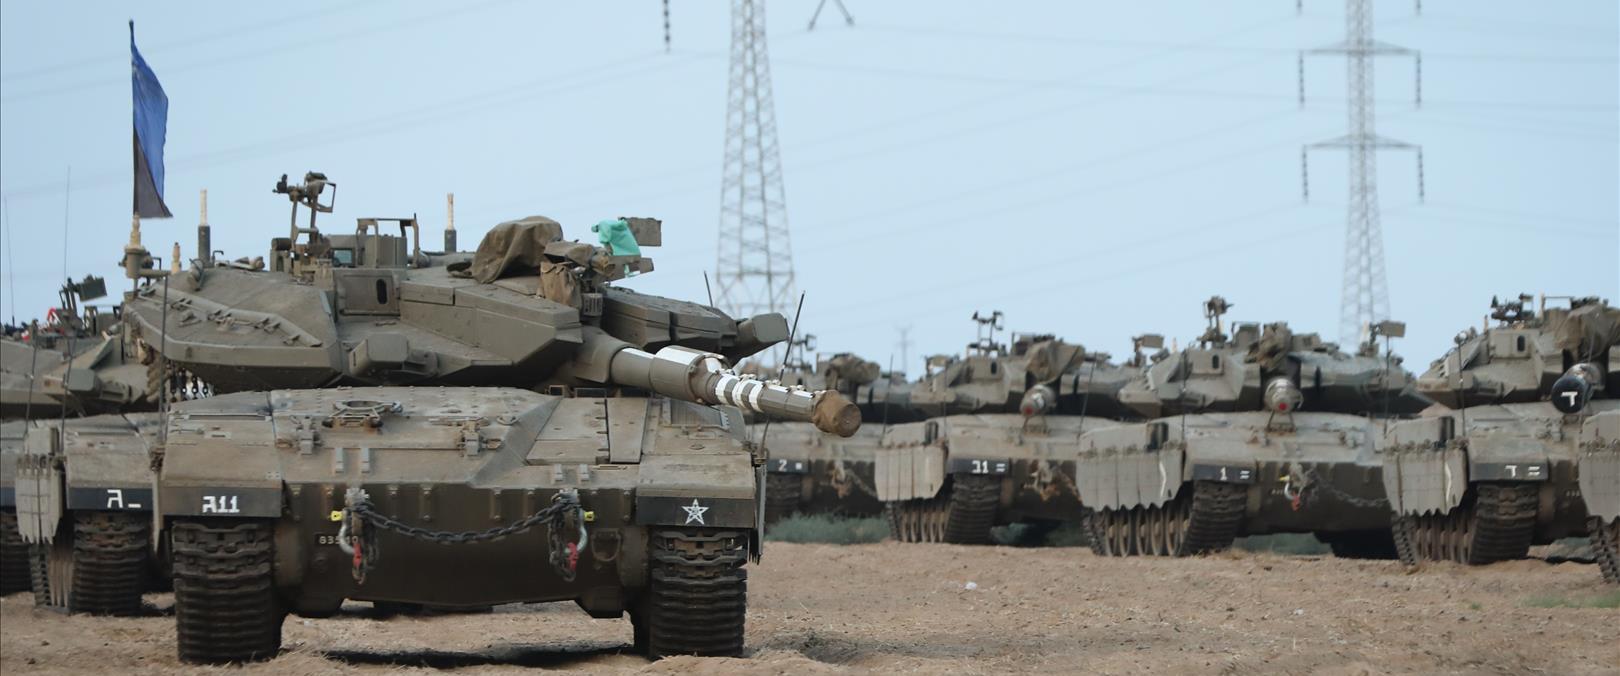 טנקים, ארכיון